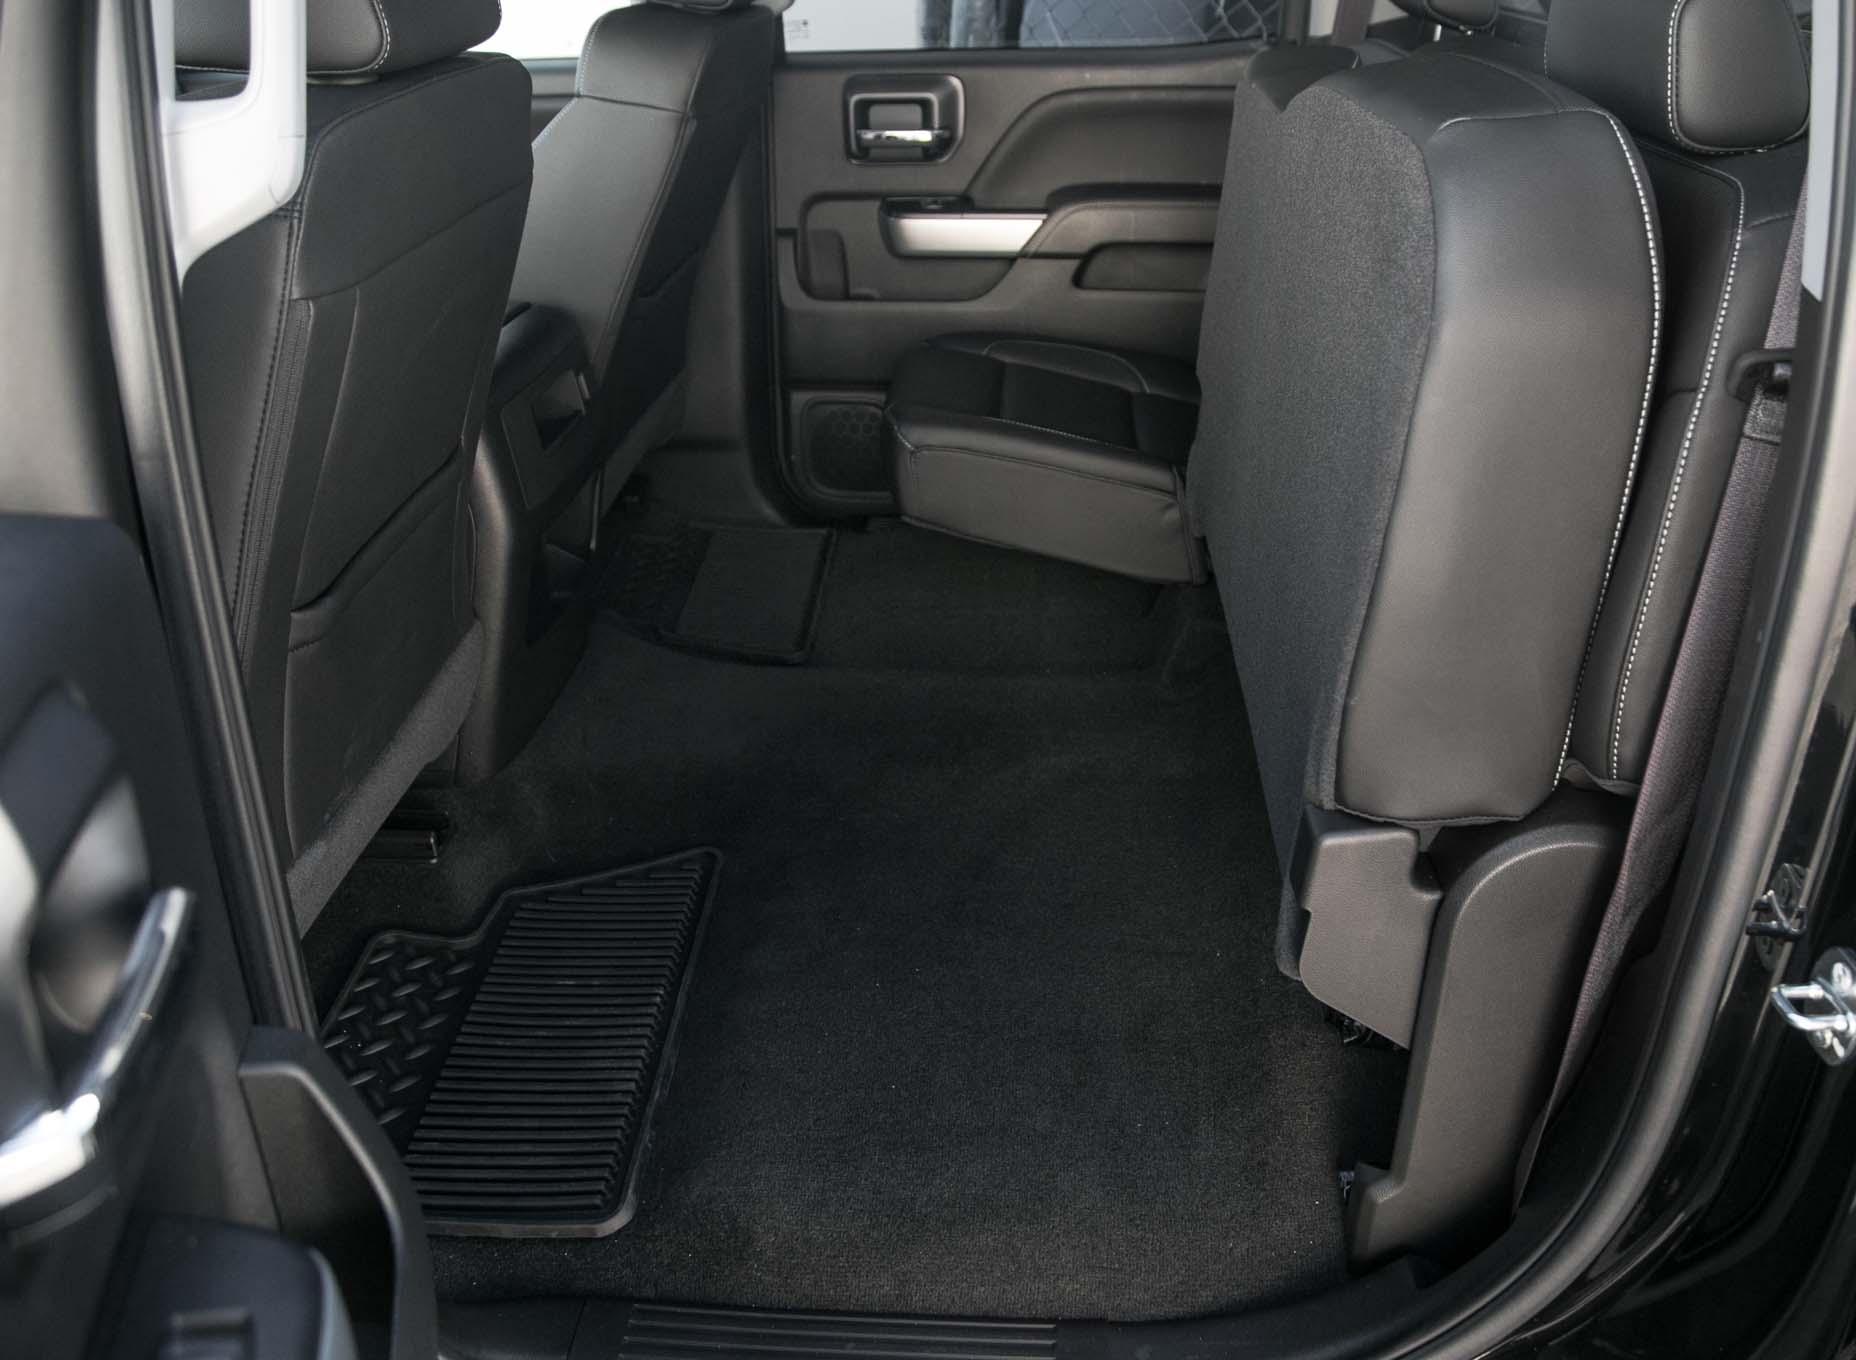 2017 Chevrolet Silverado 2500HD 4WD Z71 LTZ rear interior seats up - Motor Trend en Español